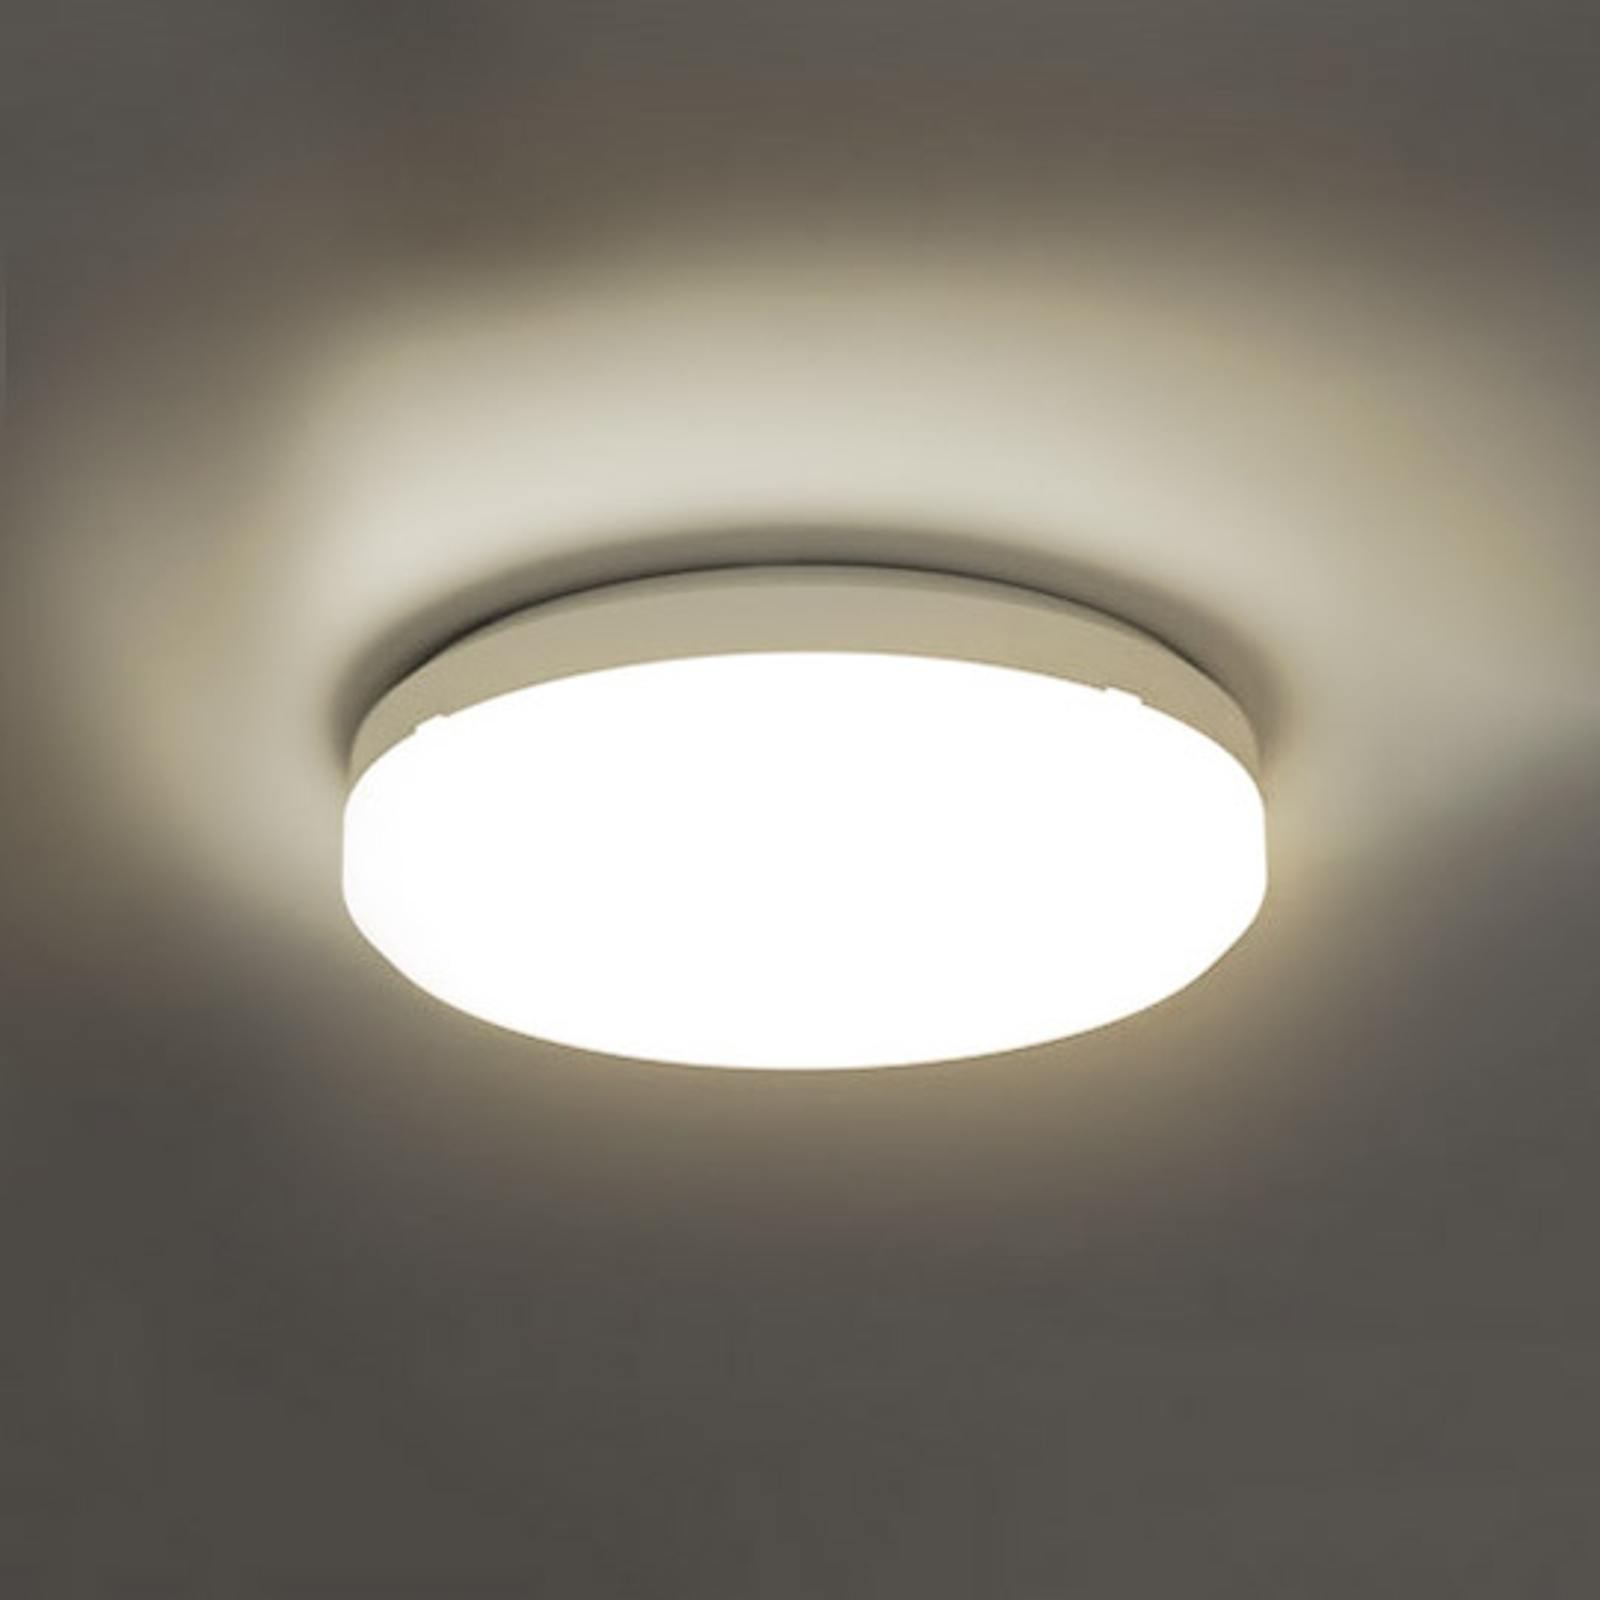 Sun 15 - LED-Deckenleuchte IP65, 18 W 3000K ww